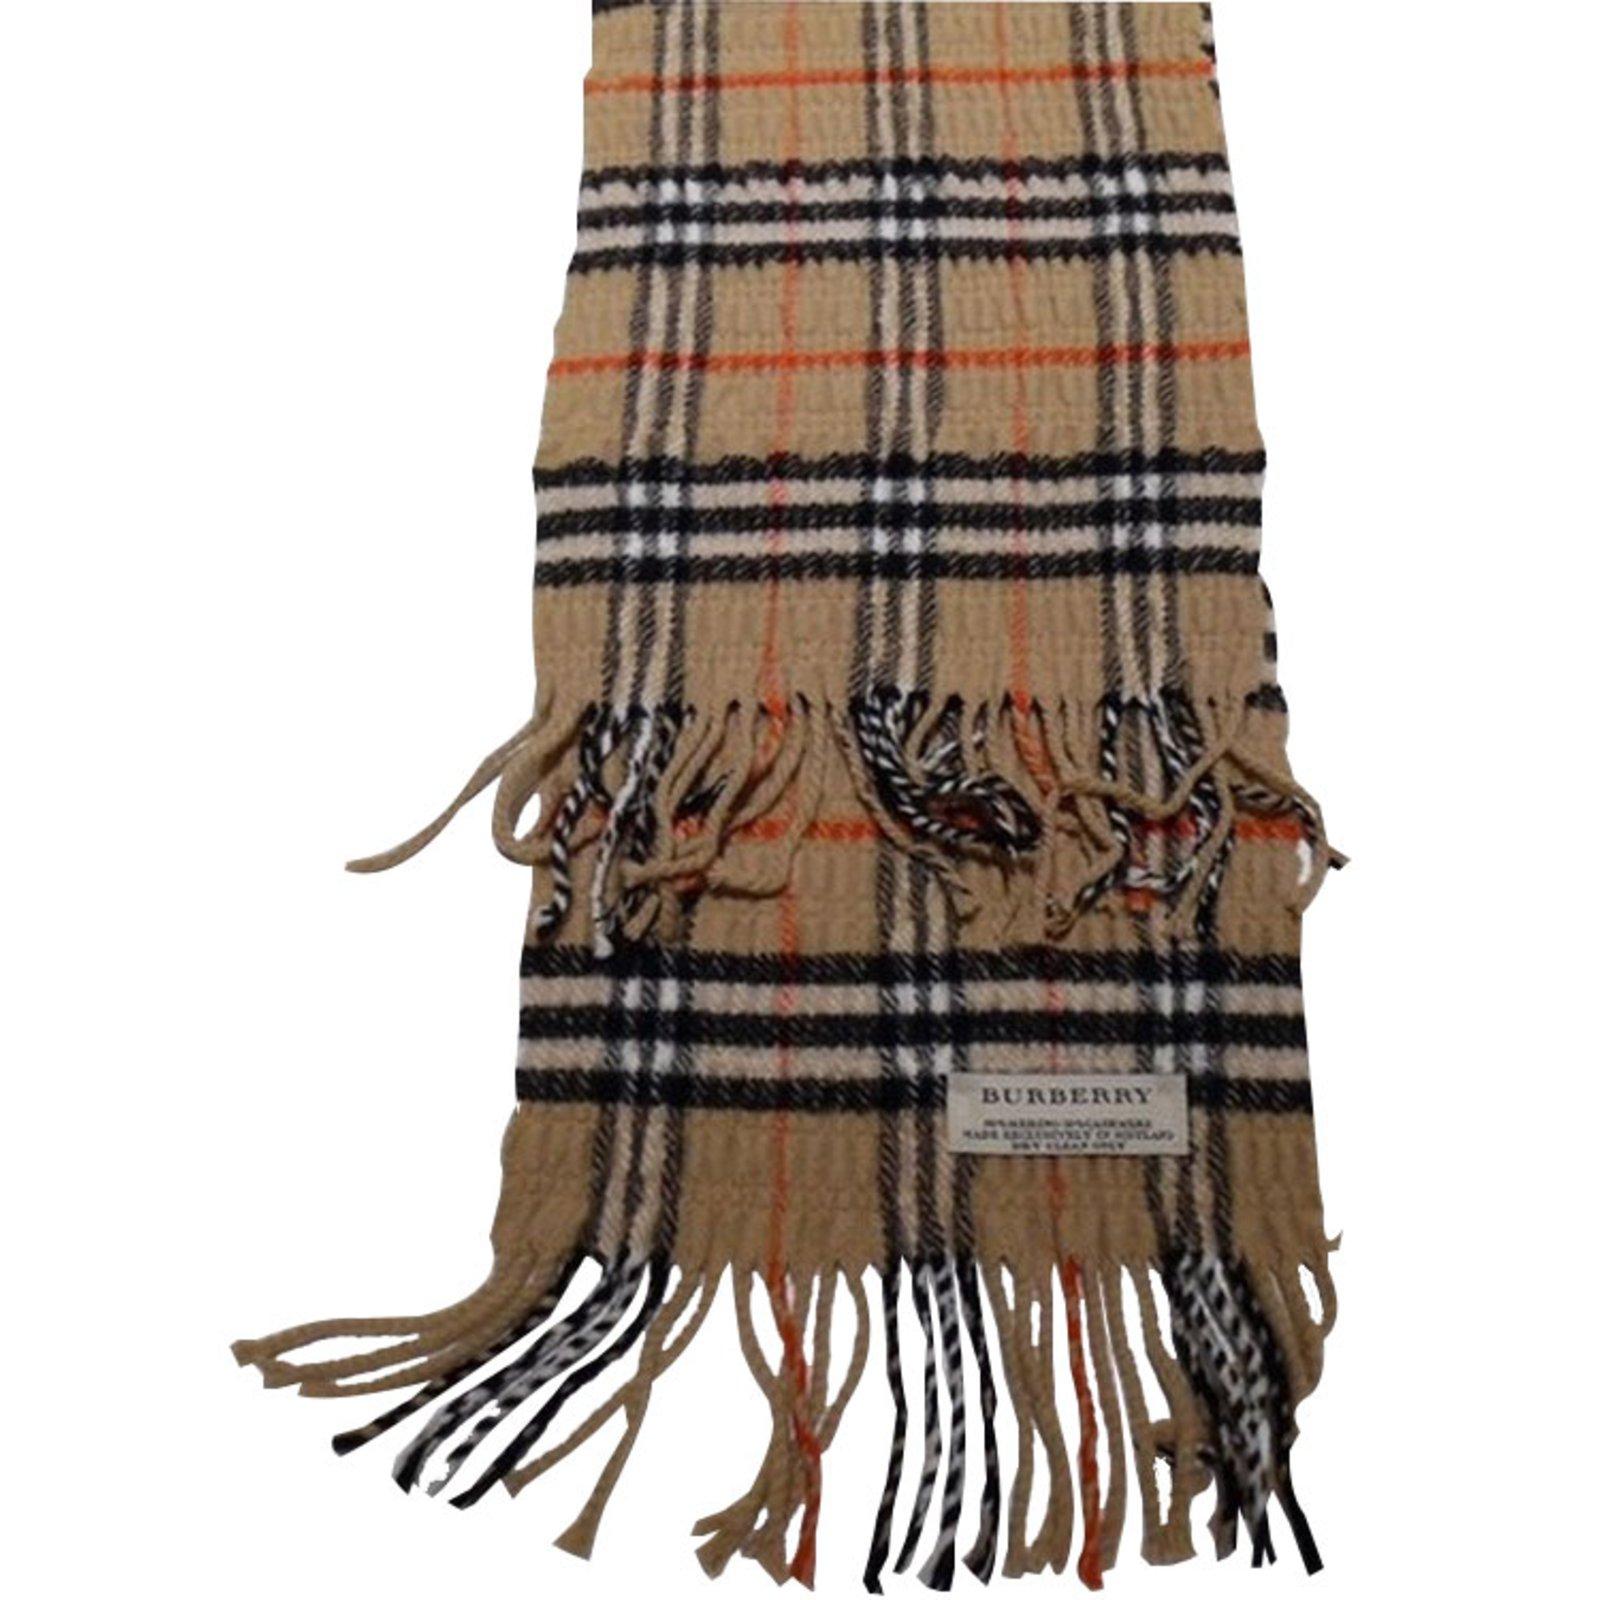 burberry scarf scarves wool beige ref 27201